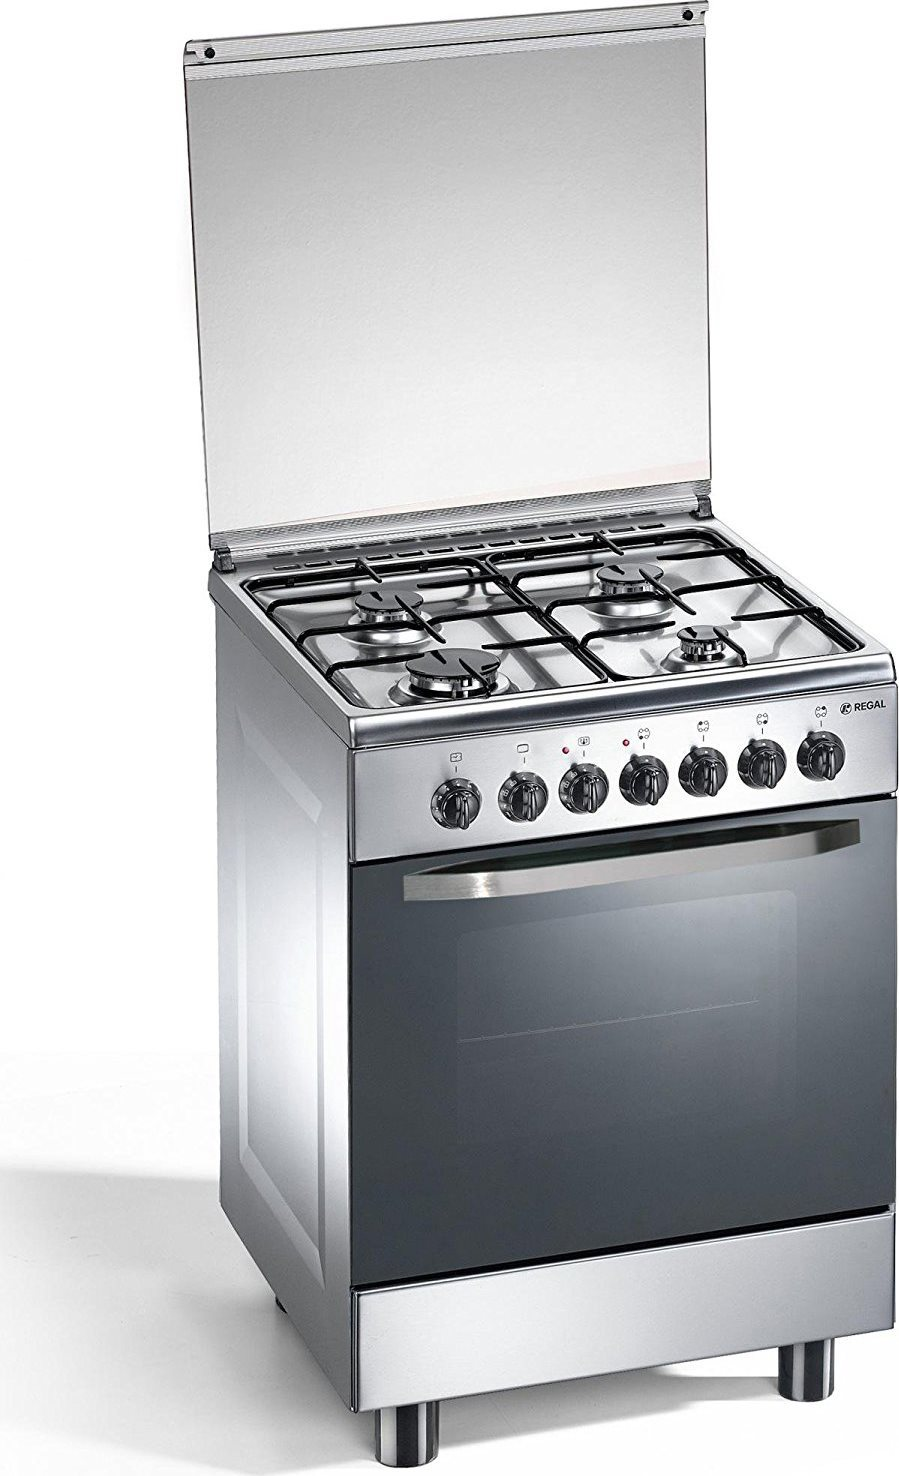 Cucina a gas regal by tecnogas rc663xsn forno elettrico ventilato 60x60 prezzoforte 53841 - Cucina con forno a gas ventilato ...